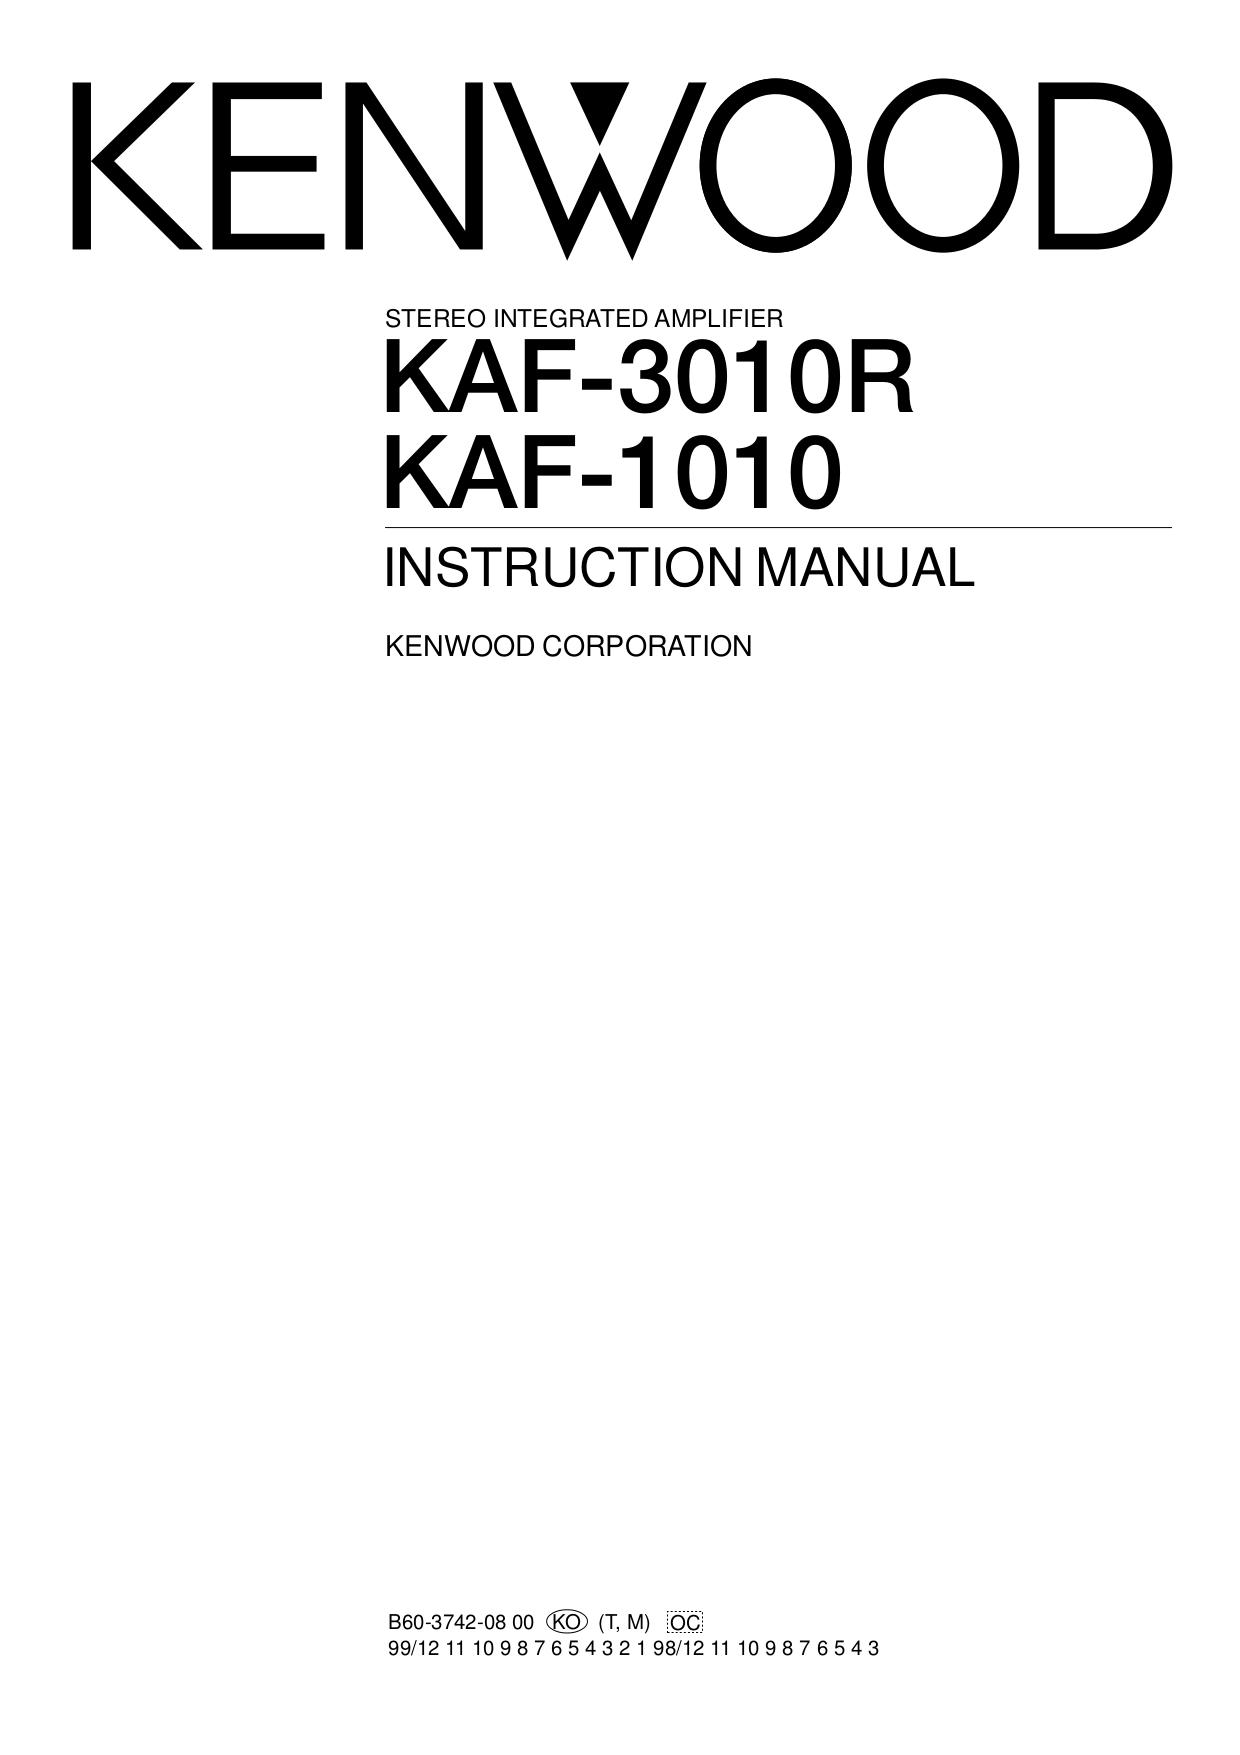 Download free pdf for Kenwood KA-95 Amp manual